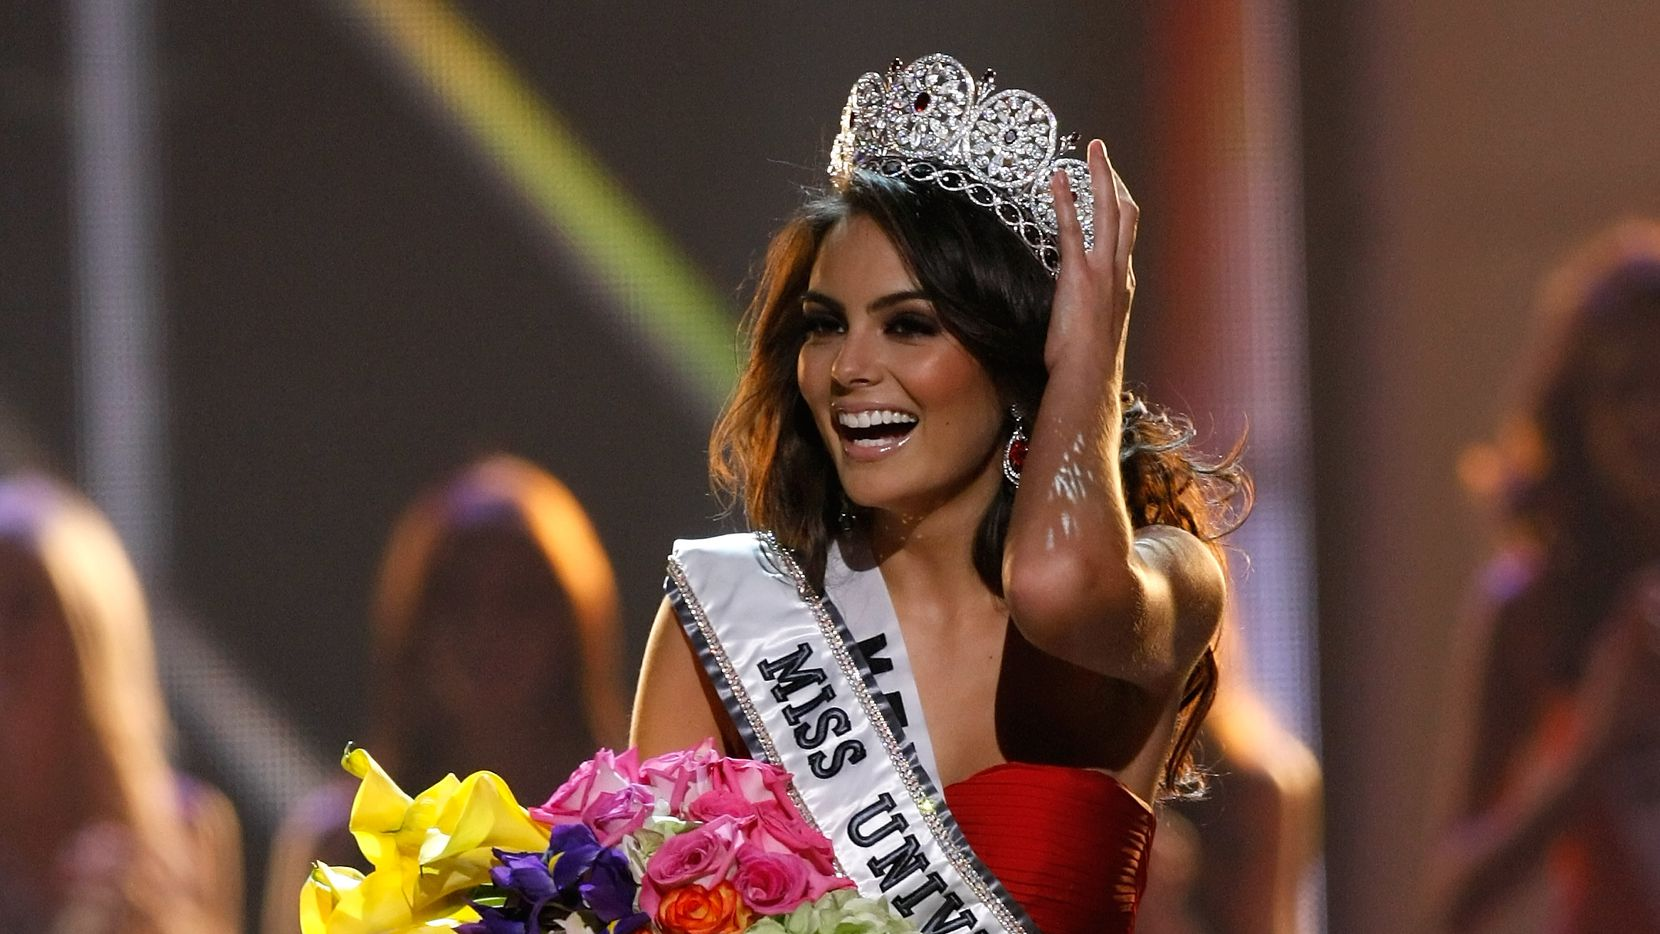 La mexicana Jimena Navarrete fue consagrada Miss Universo en el concurso de belleza de 2010.